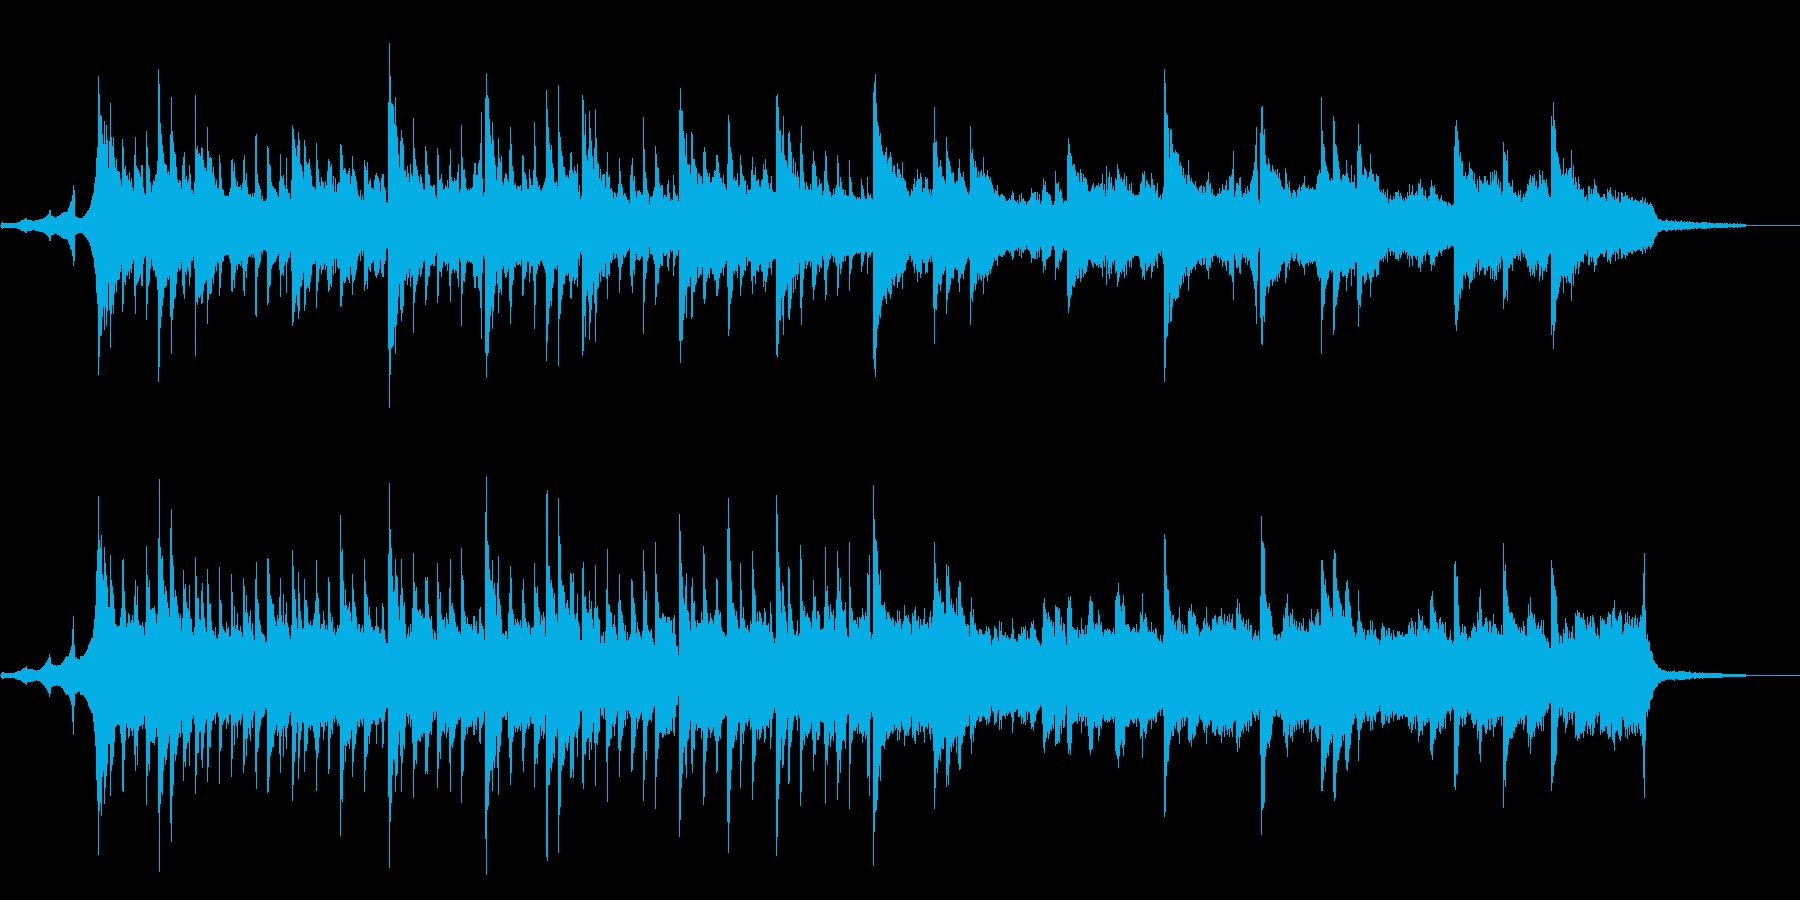 クリスマスのイルミネーションの様なBGMの再生済みの波形